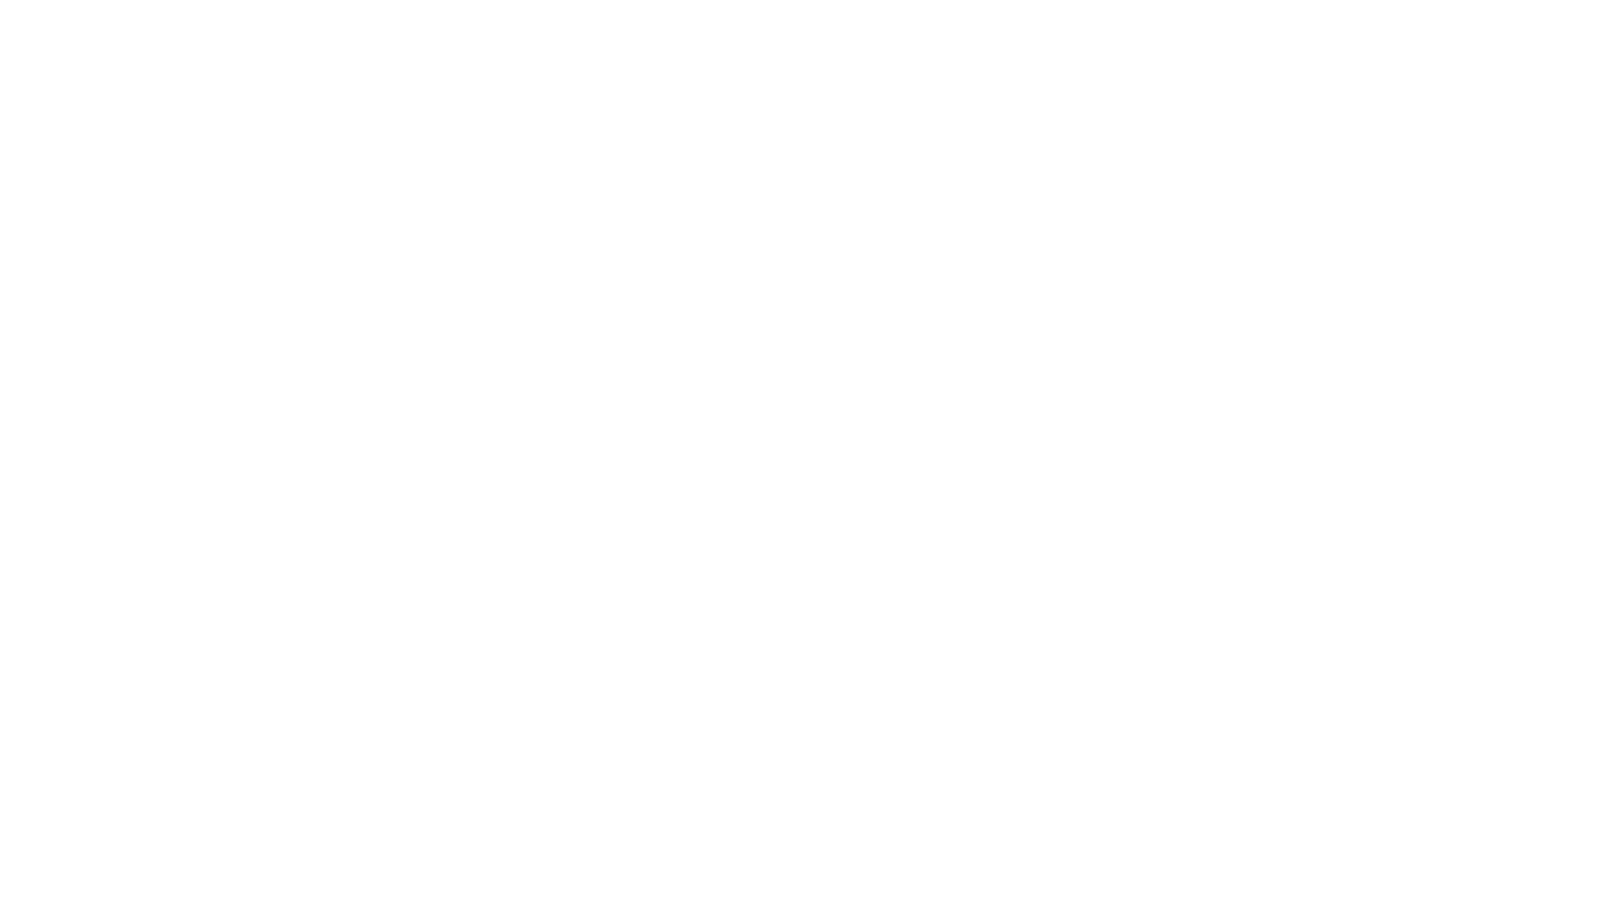 """僕の""""6大特典""""の受け取りはこちら↓ https://kurohata.com/dpto  ①僕が平均50万円稼いでいる毎日の動画講座プログラム ②90分で10万円のノウハウ ③初心者でも月に20万円可能!?禁断のアフィリエイトメソッド ④アフィリエイト完全マニュアル ⑤YouTubeの次はBuzzVideo!?次世代動画ビジネス手法 ⑥たった10記事でGoogleAdSenseを通す方法  チャンネル登録お願い致します!↓ https://www.youtube.com/channel/UC7MBDeBibEoZc8FbWbcEirw  僕のBLOGはこちら↓ https://kurohata.com/  Twitter↓ https://twitter.com/hayatobloger  Instagram↓ https://www.instagram.com/kurohatabloger/channel/?hl=ja   僕が脱サラするまでにしてきた事↓ https://kurohata.com/datsusara/  僕の毎月の収益はこちら↓ https://kurohata.com/category/earning/  #思考は現実化する #言葉は現実化する #言葉は現実になる"""